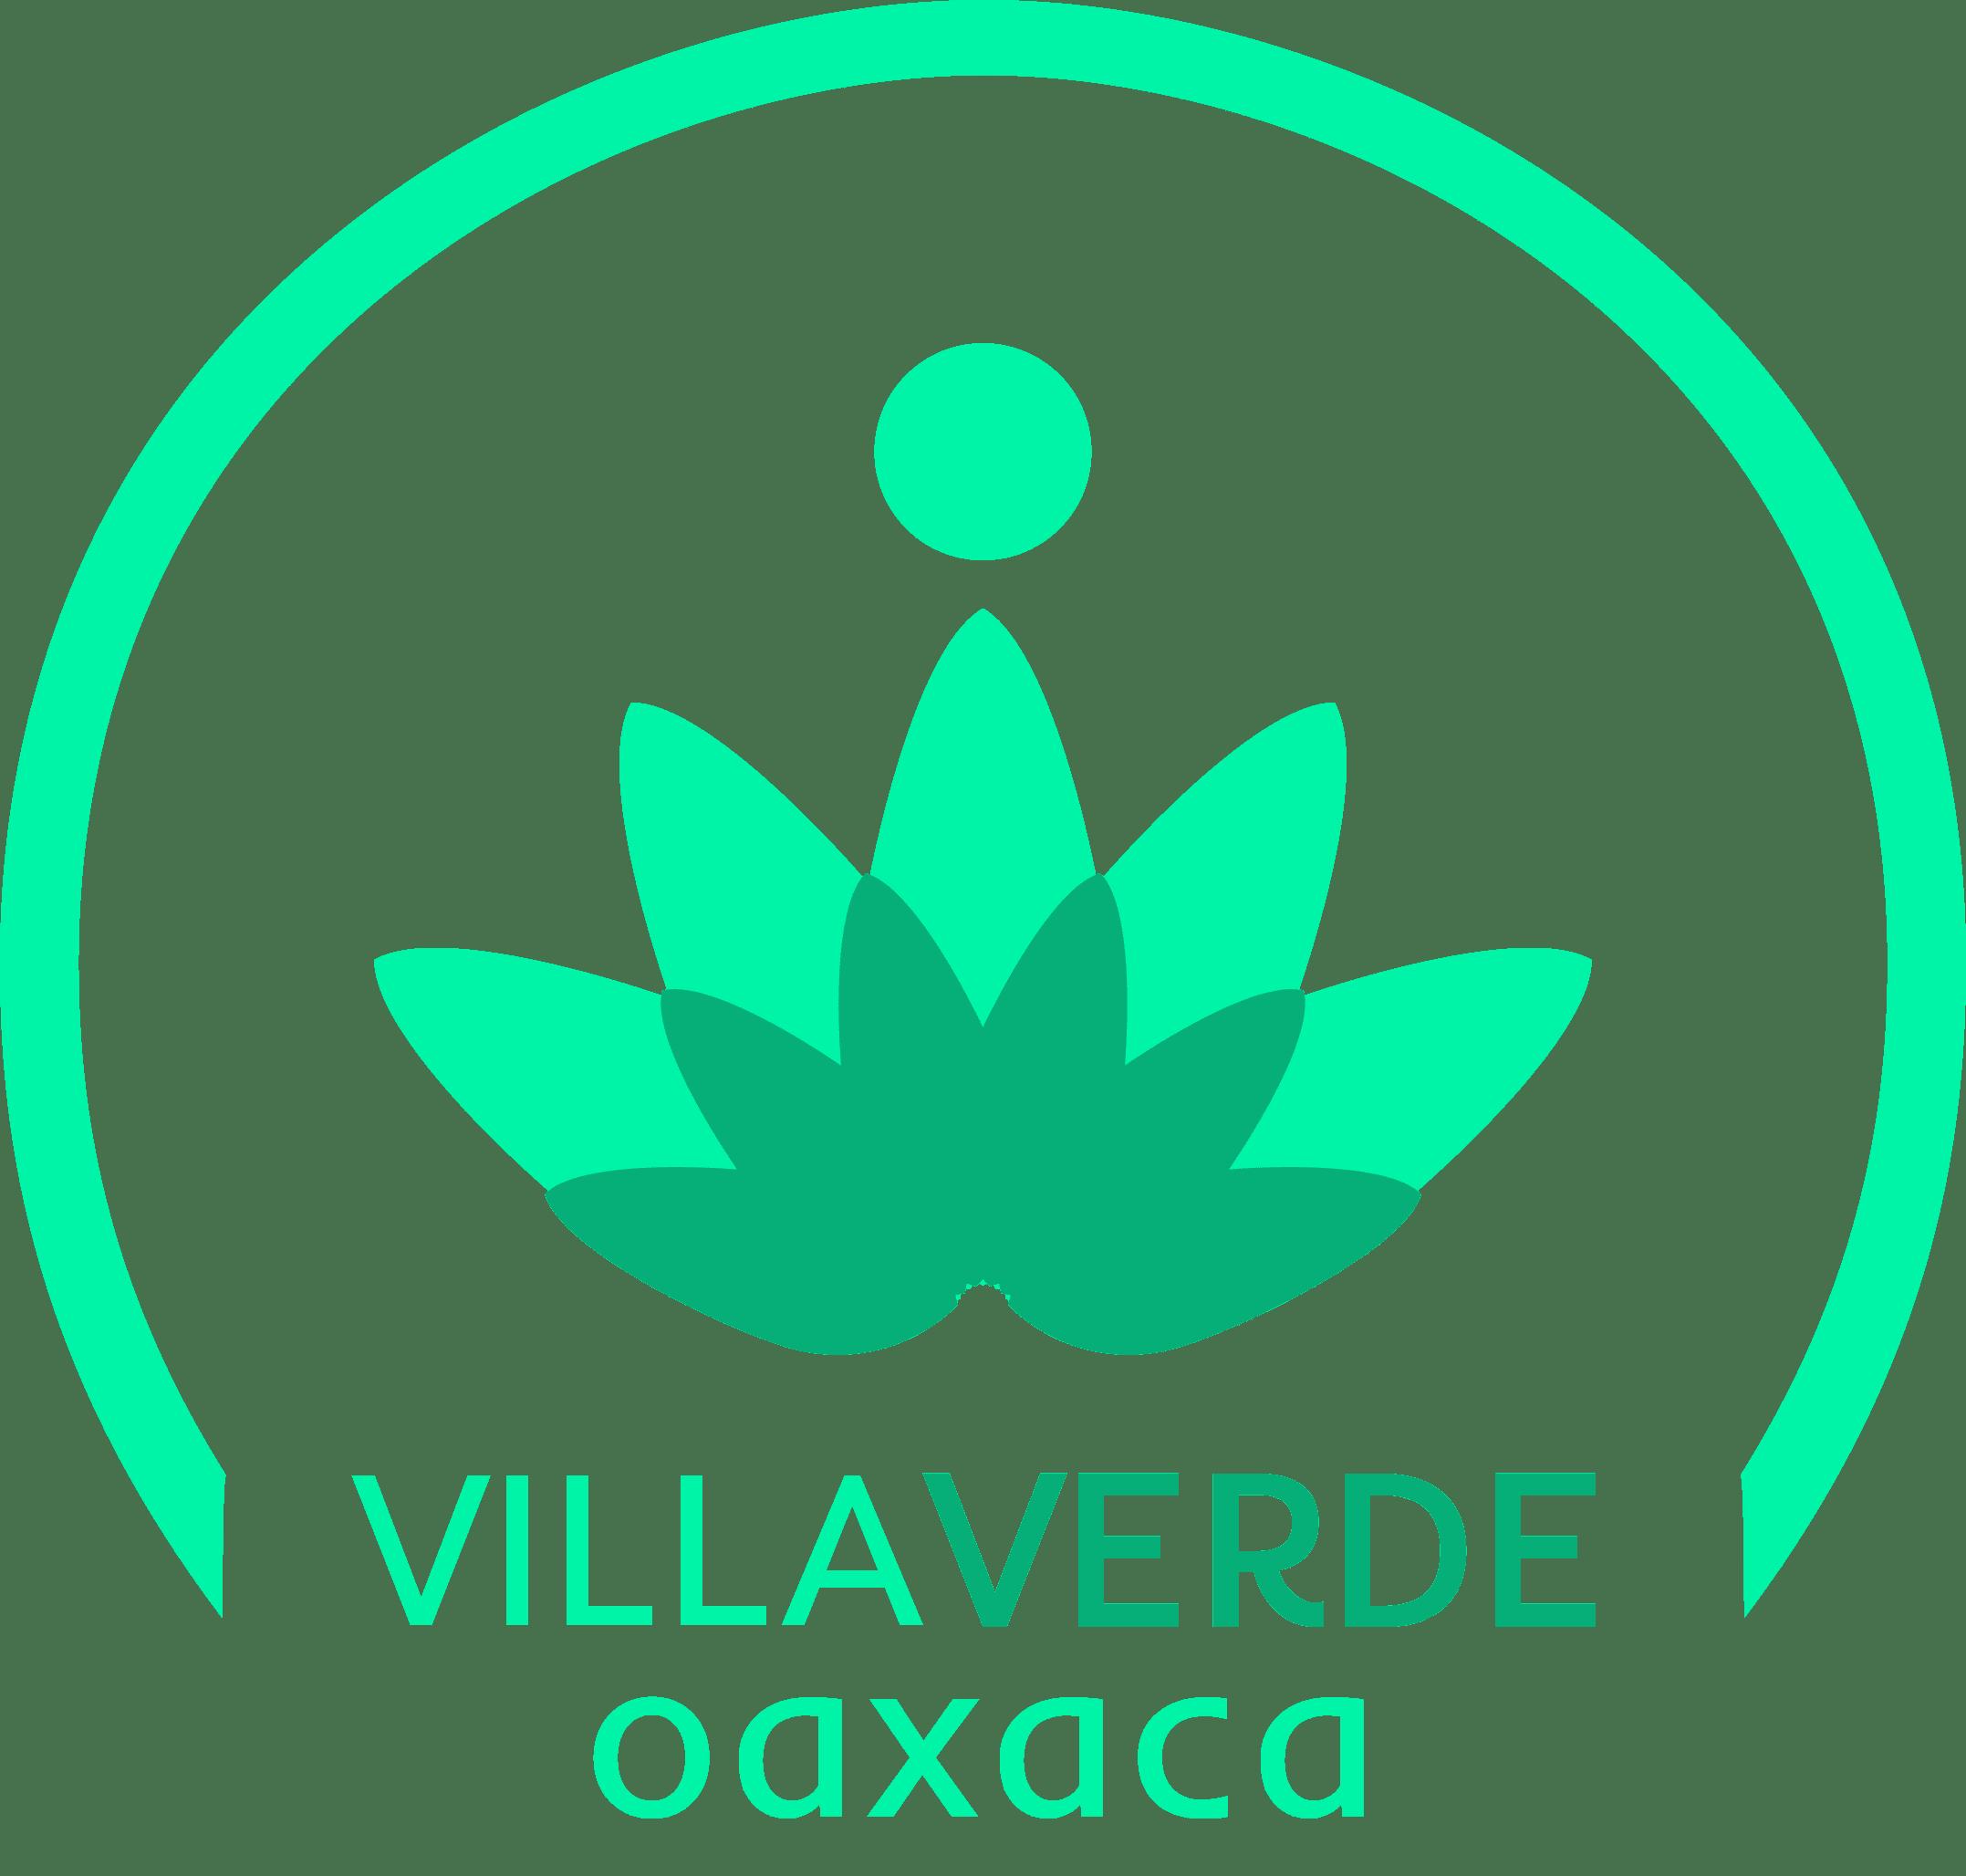 logo Villaverde_sinfondo